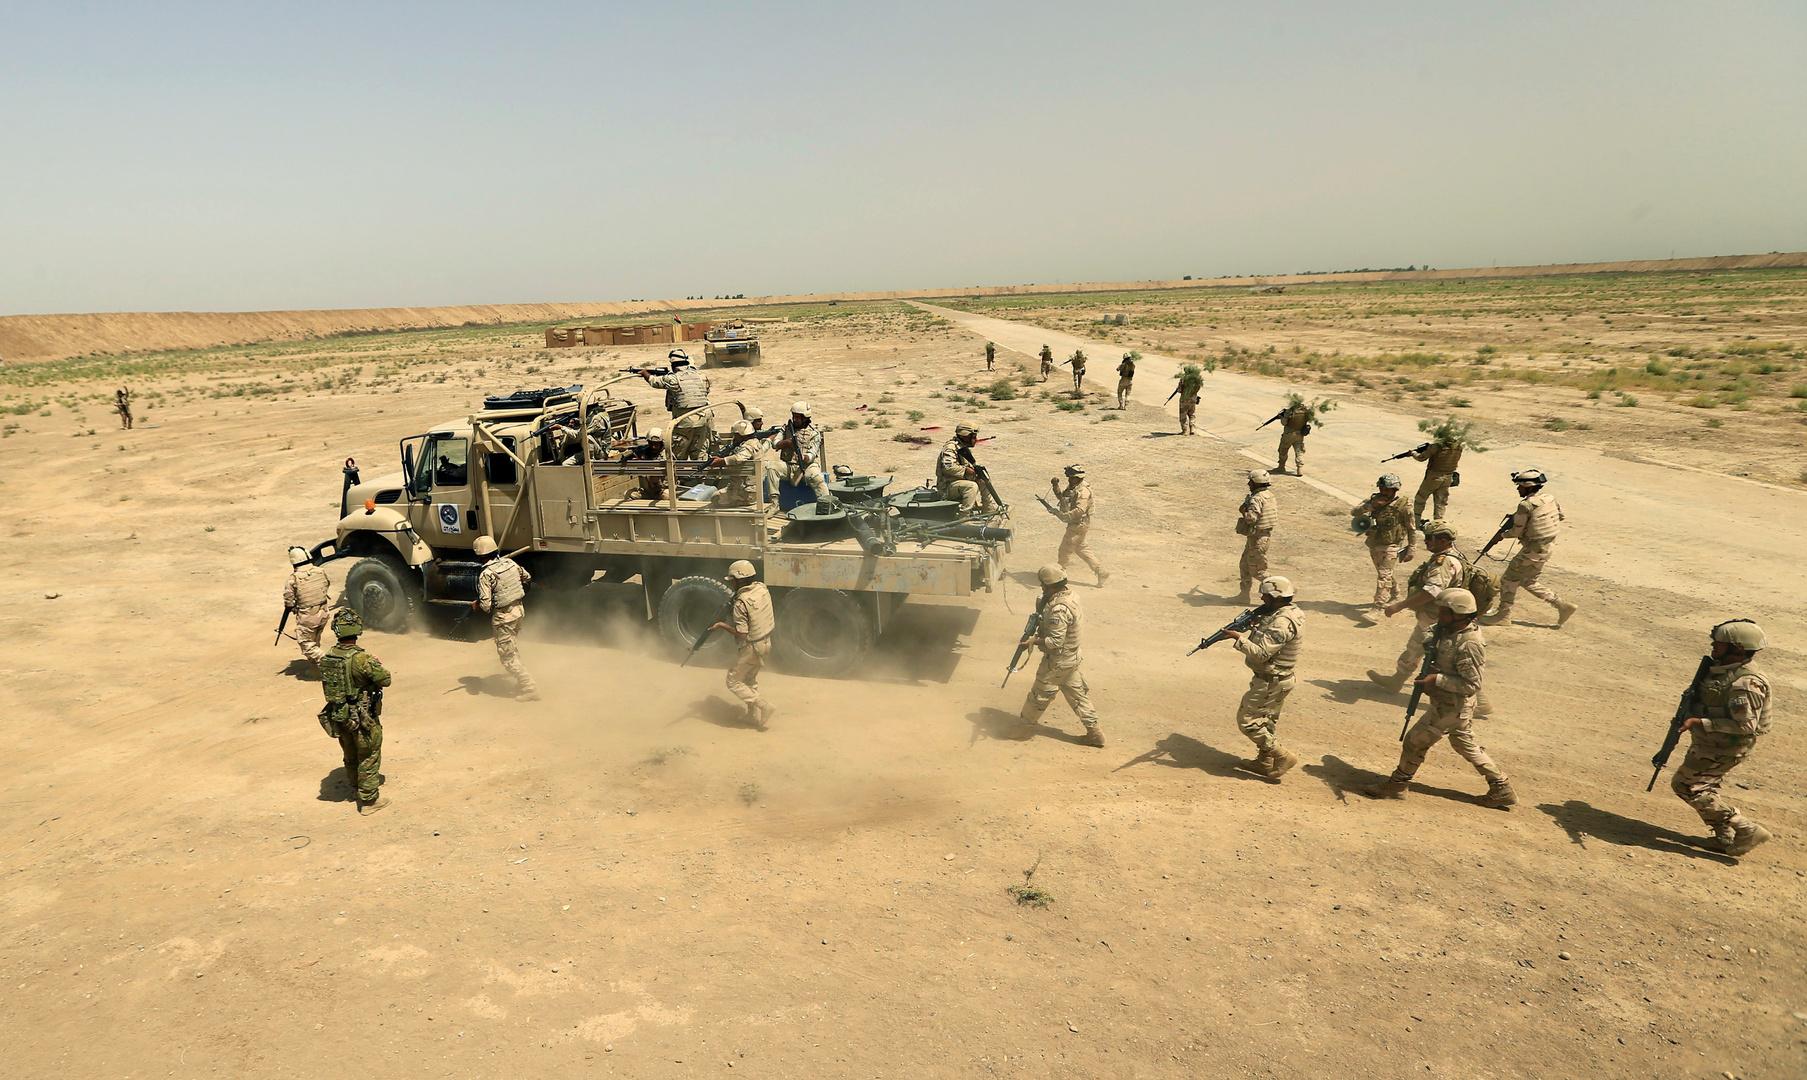 الجيش العراقي: خروج القوات الأجنبية لا يقتضي وقف التدريب والتسليح